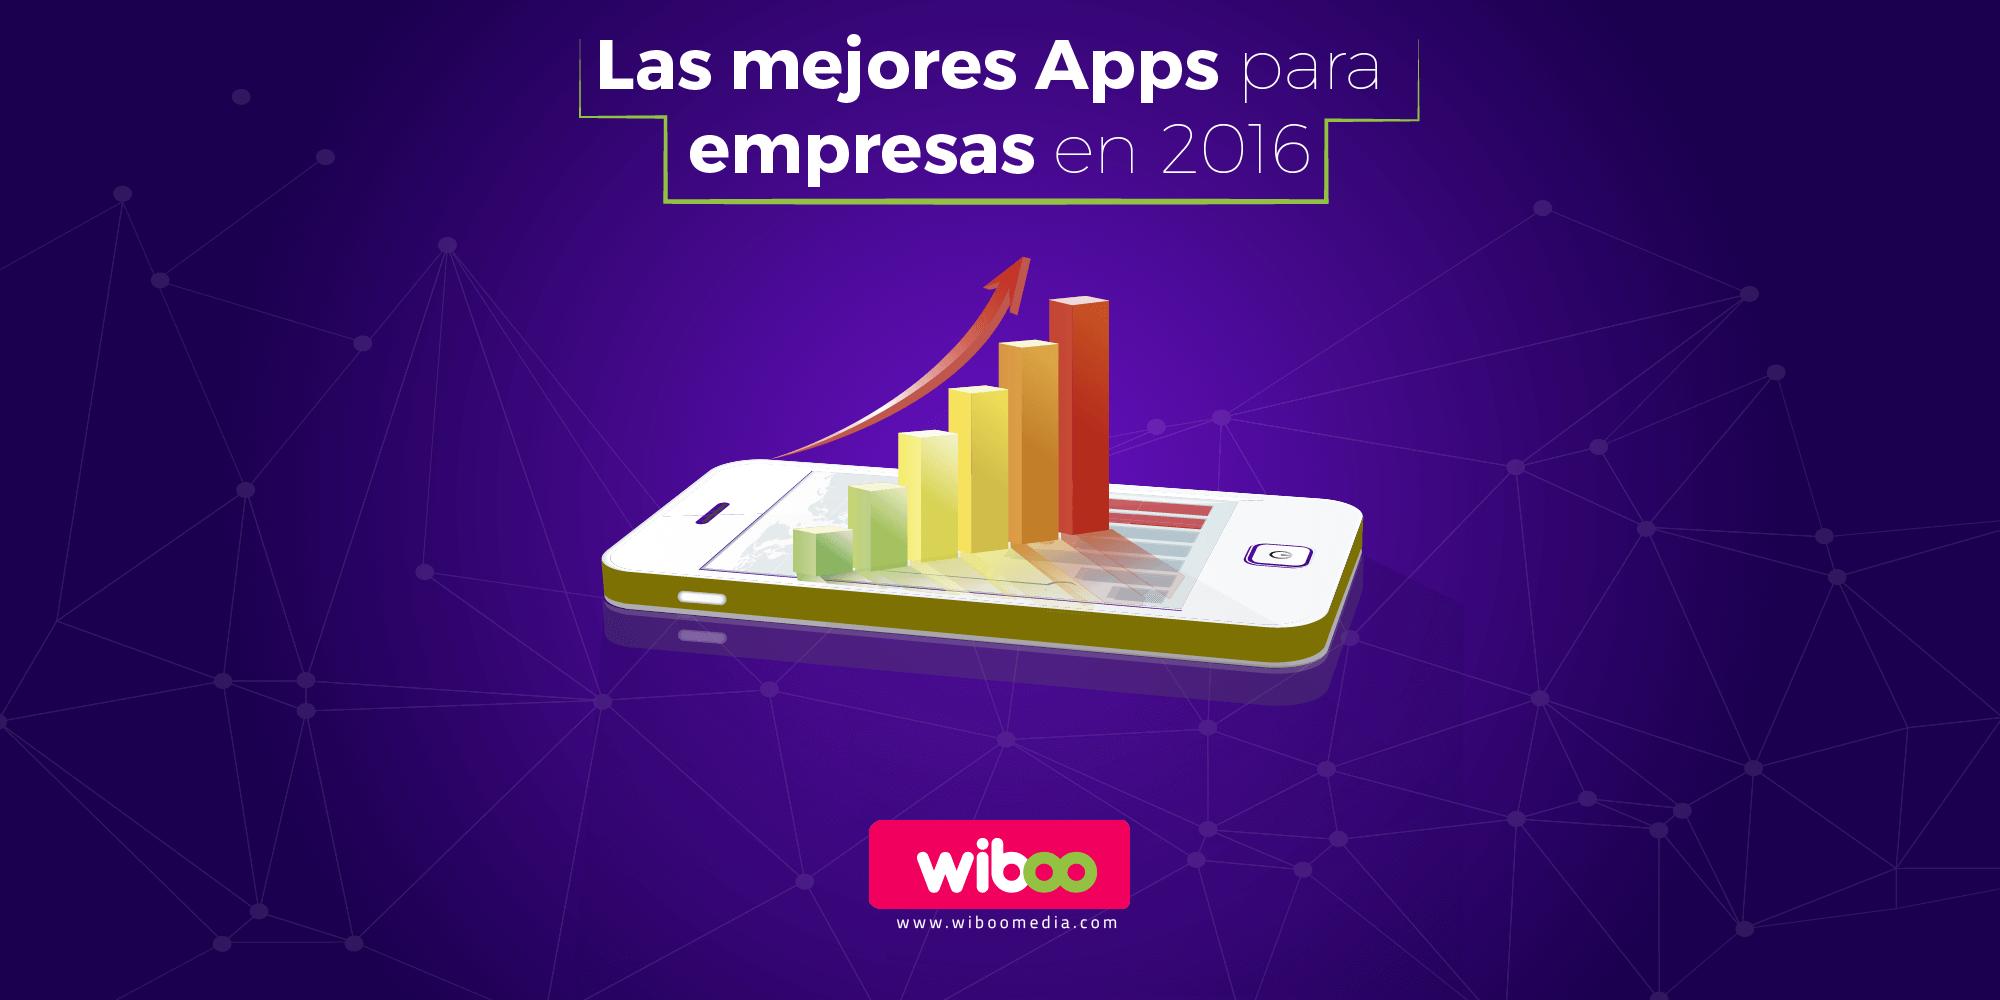 Wiboo Mejor empresa de Apps